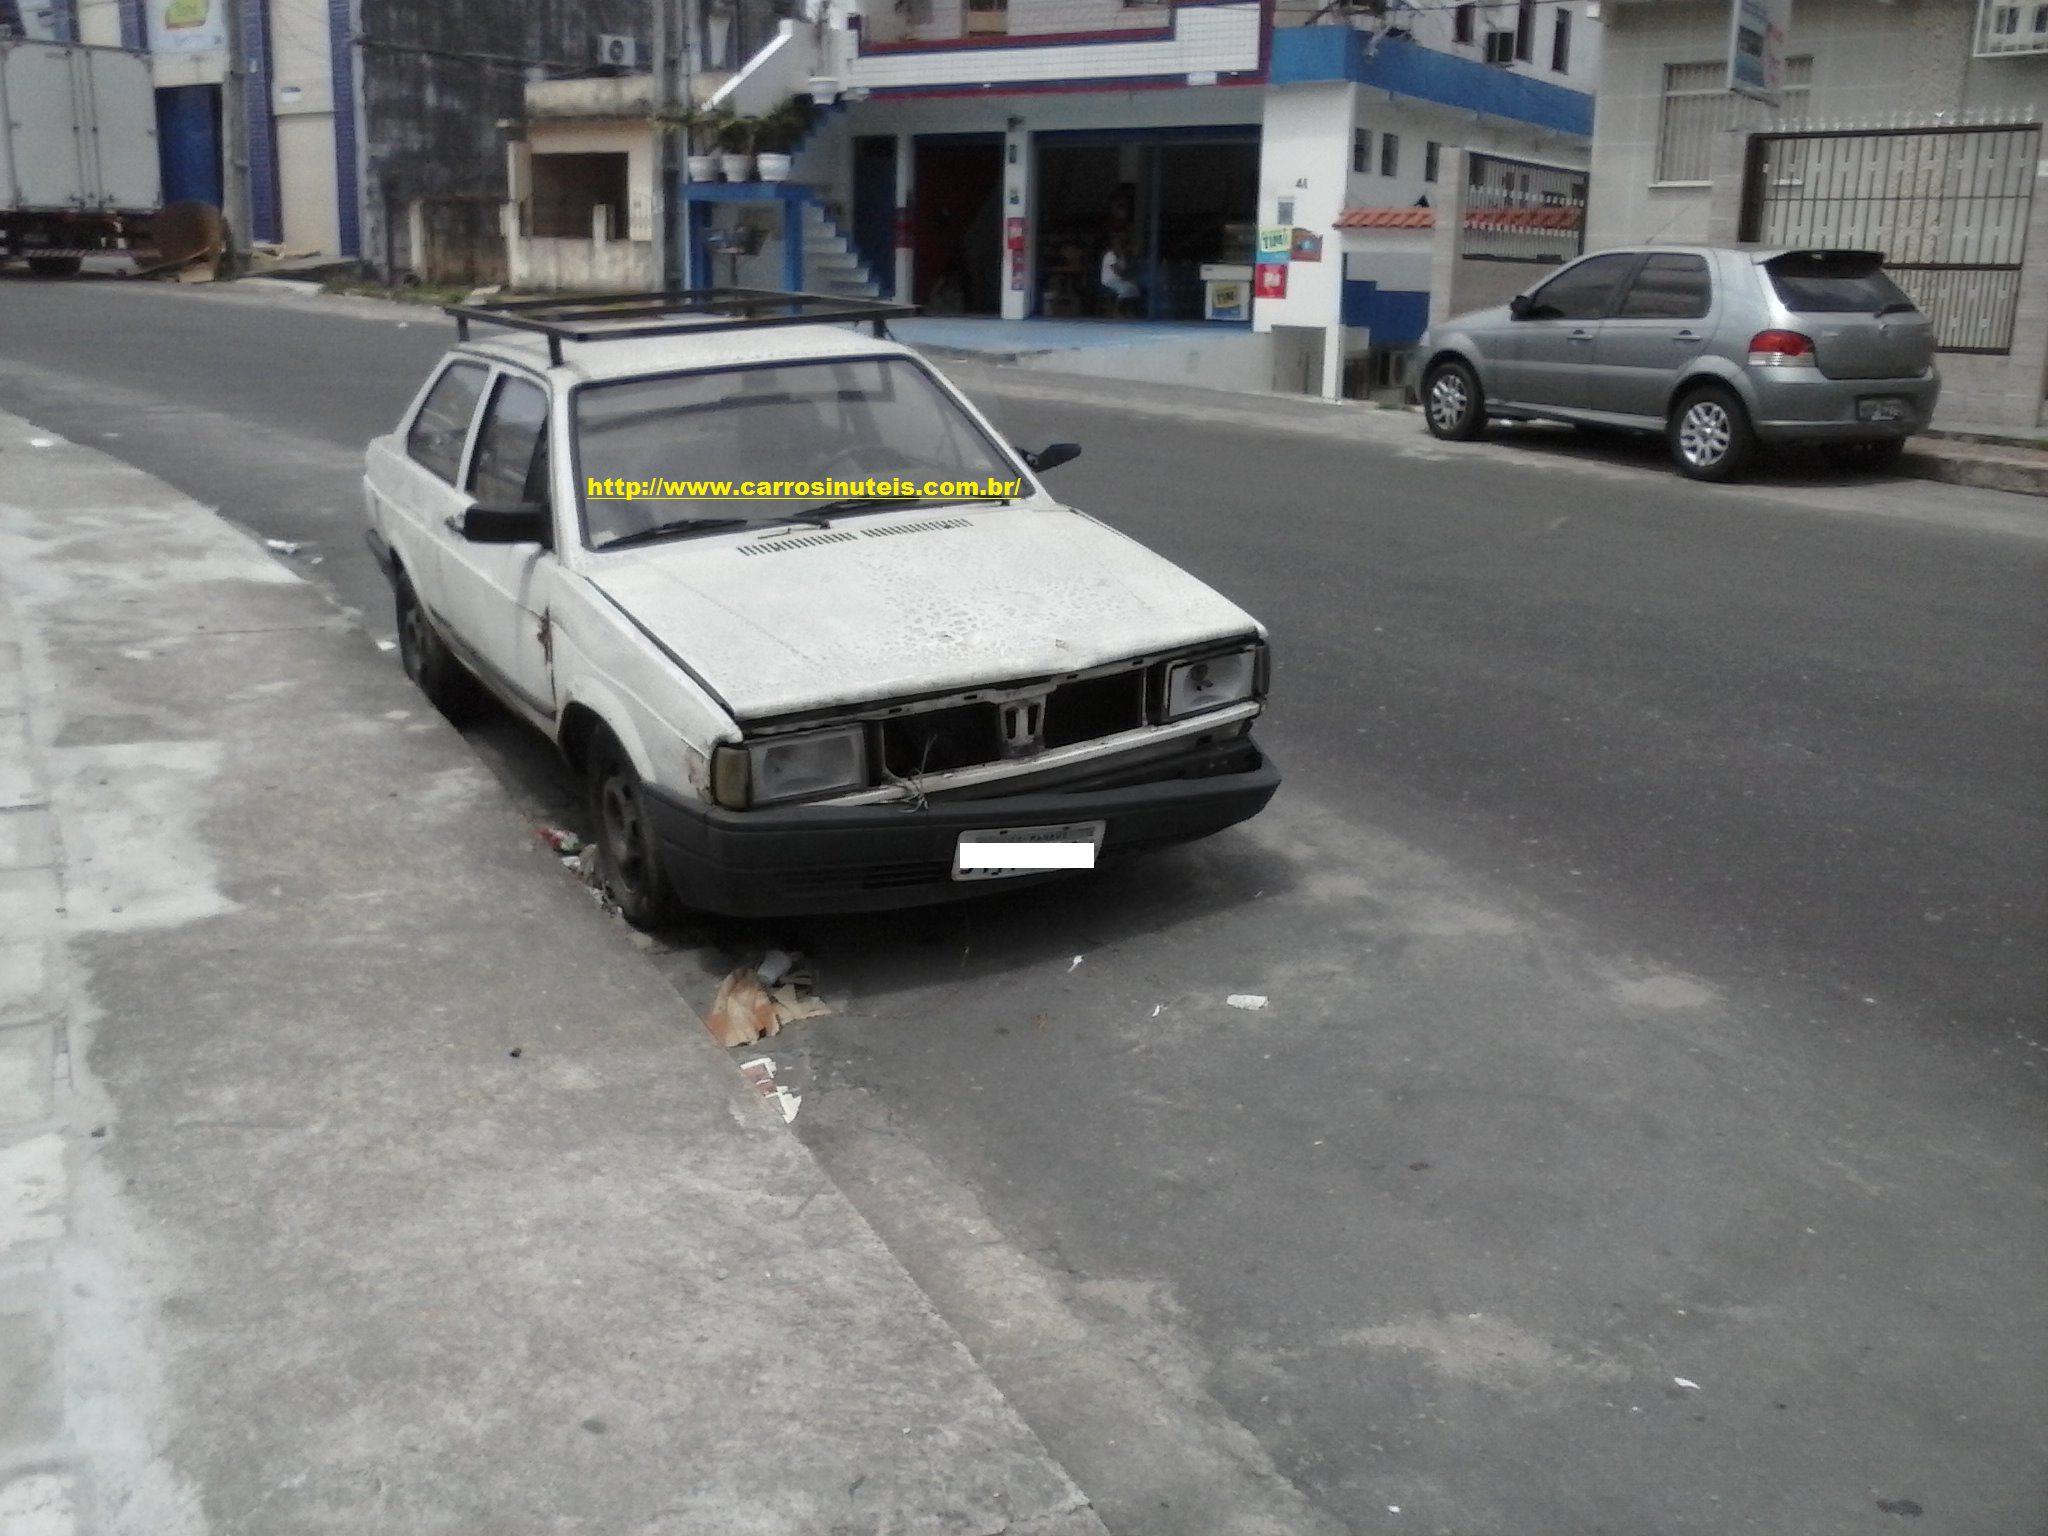 Marcos-Castro-ManausAM-Voyage VW Voyage, Marcos Castro, Manaus-AM